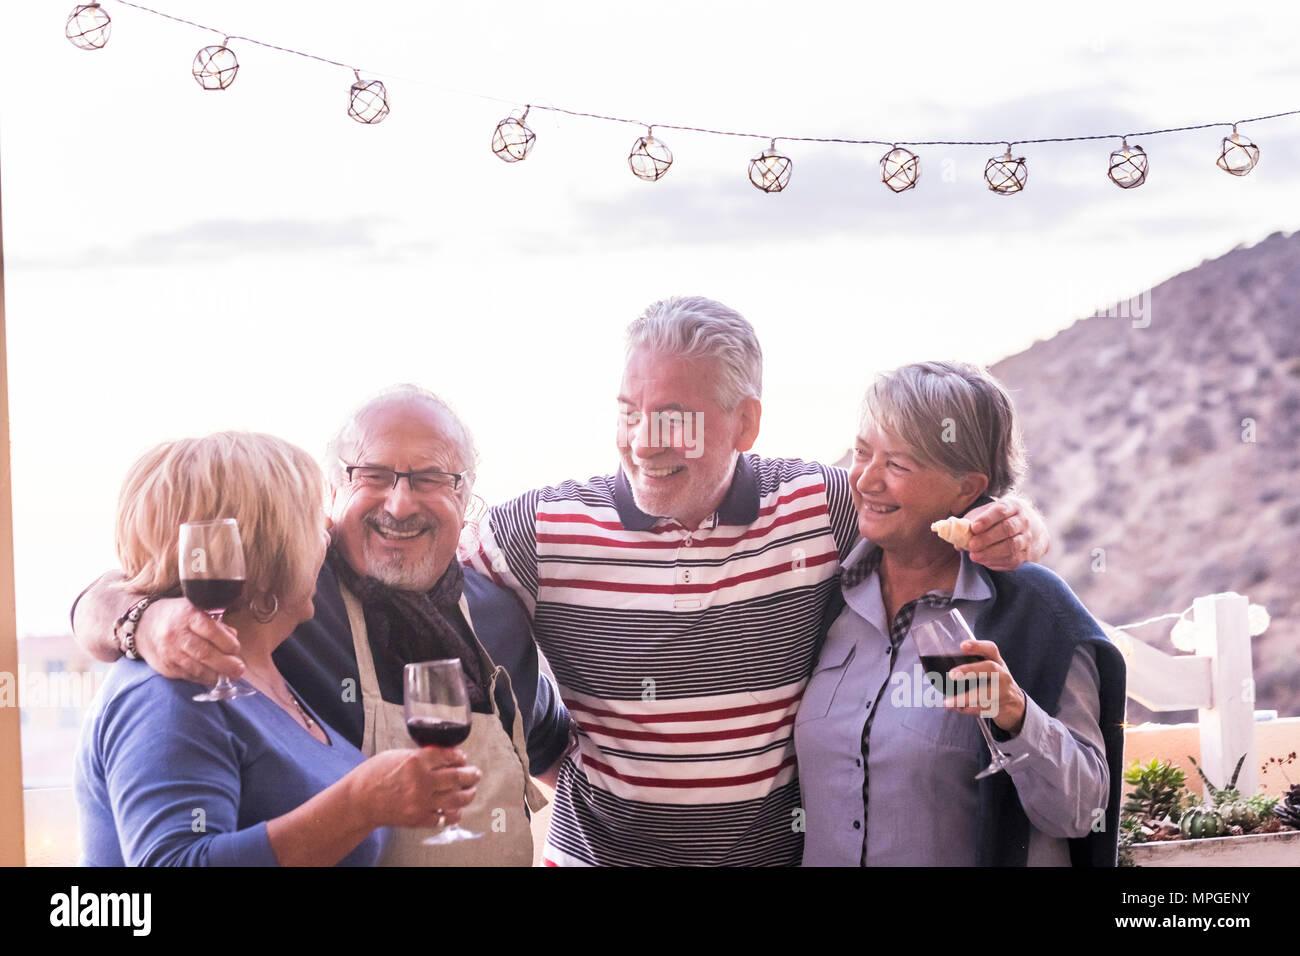 Gruppe von 4 Senioren, zwei Paare, bleiben sie zusammen und haben Spaß geniessen ein Glas Wein im Freien auf der Dachterrasse. Ferienhäuser ältere Konzept und Freundschaft. Sun Stockbild